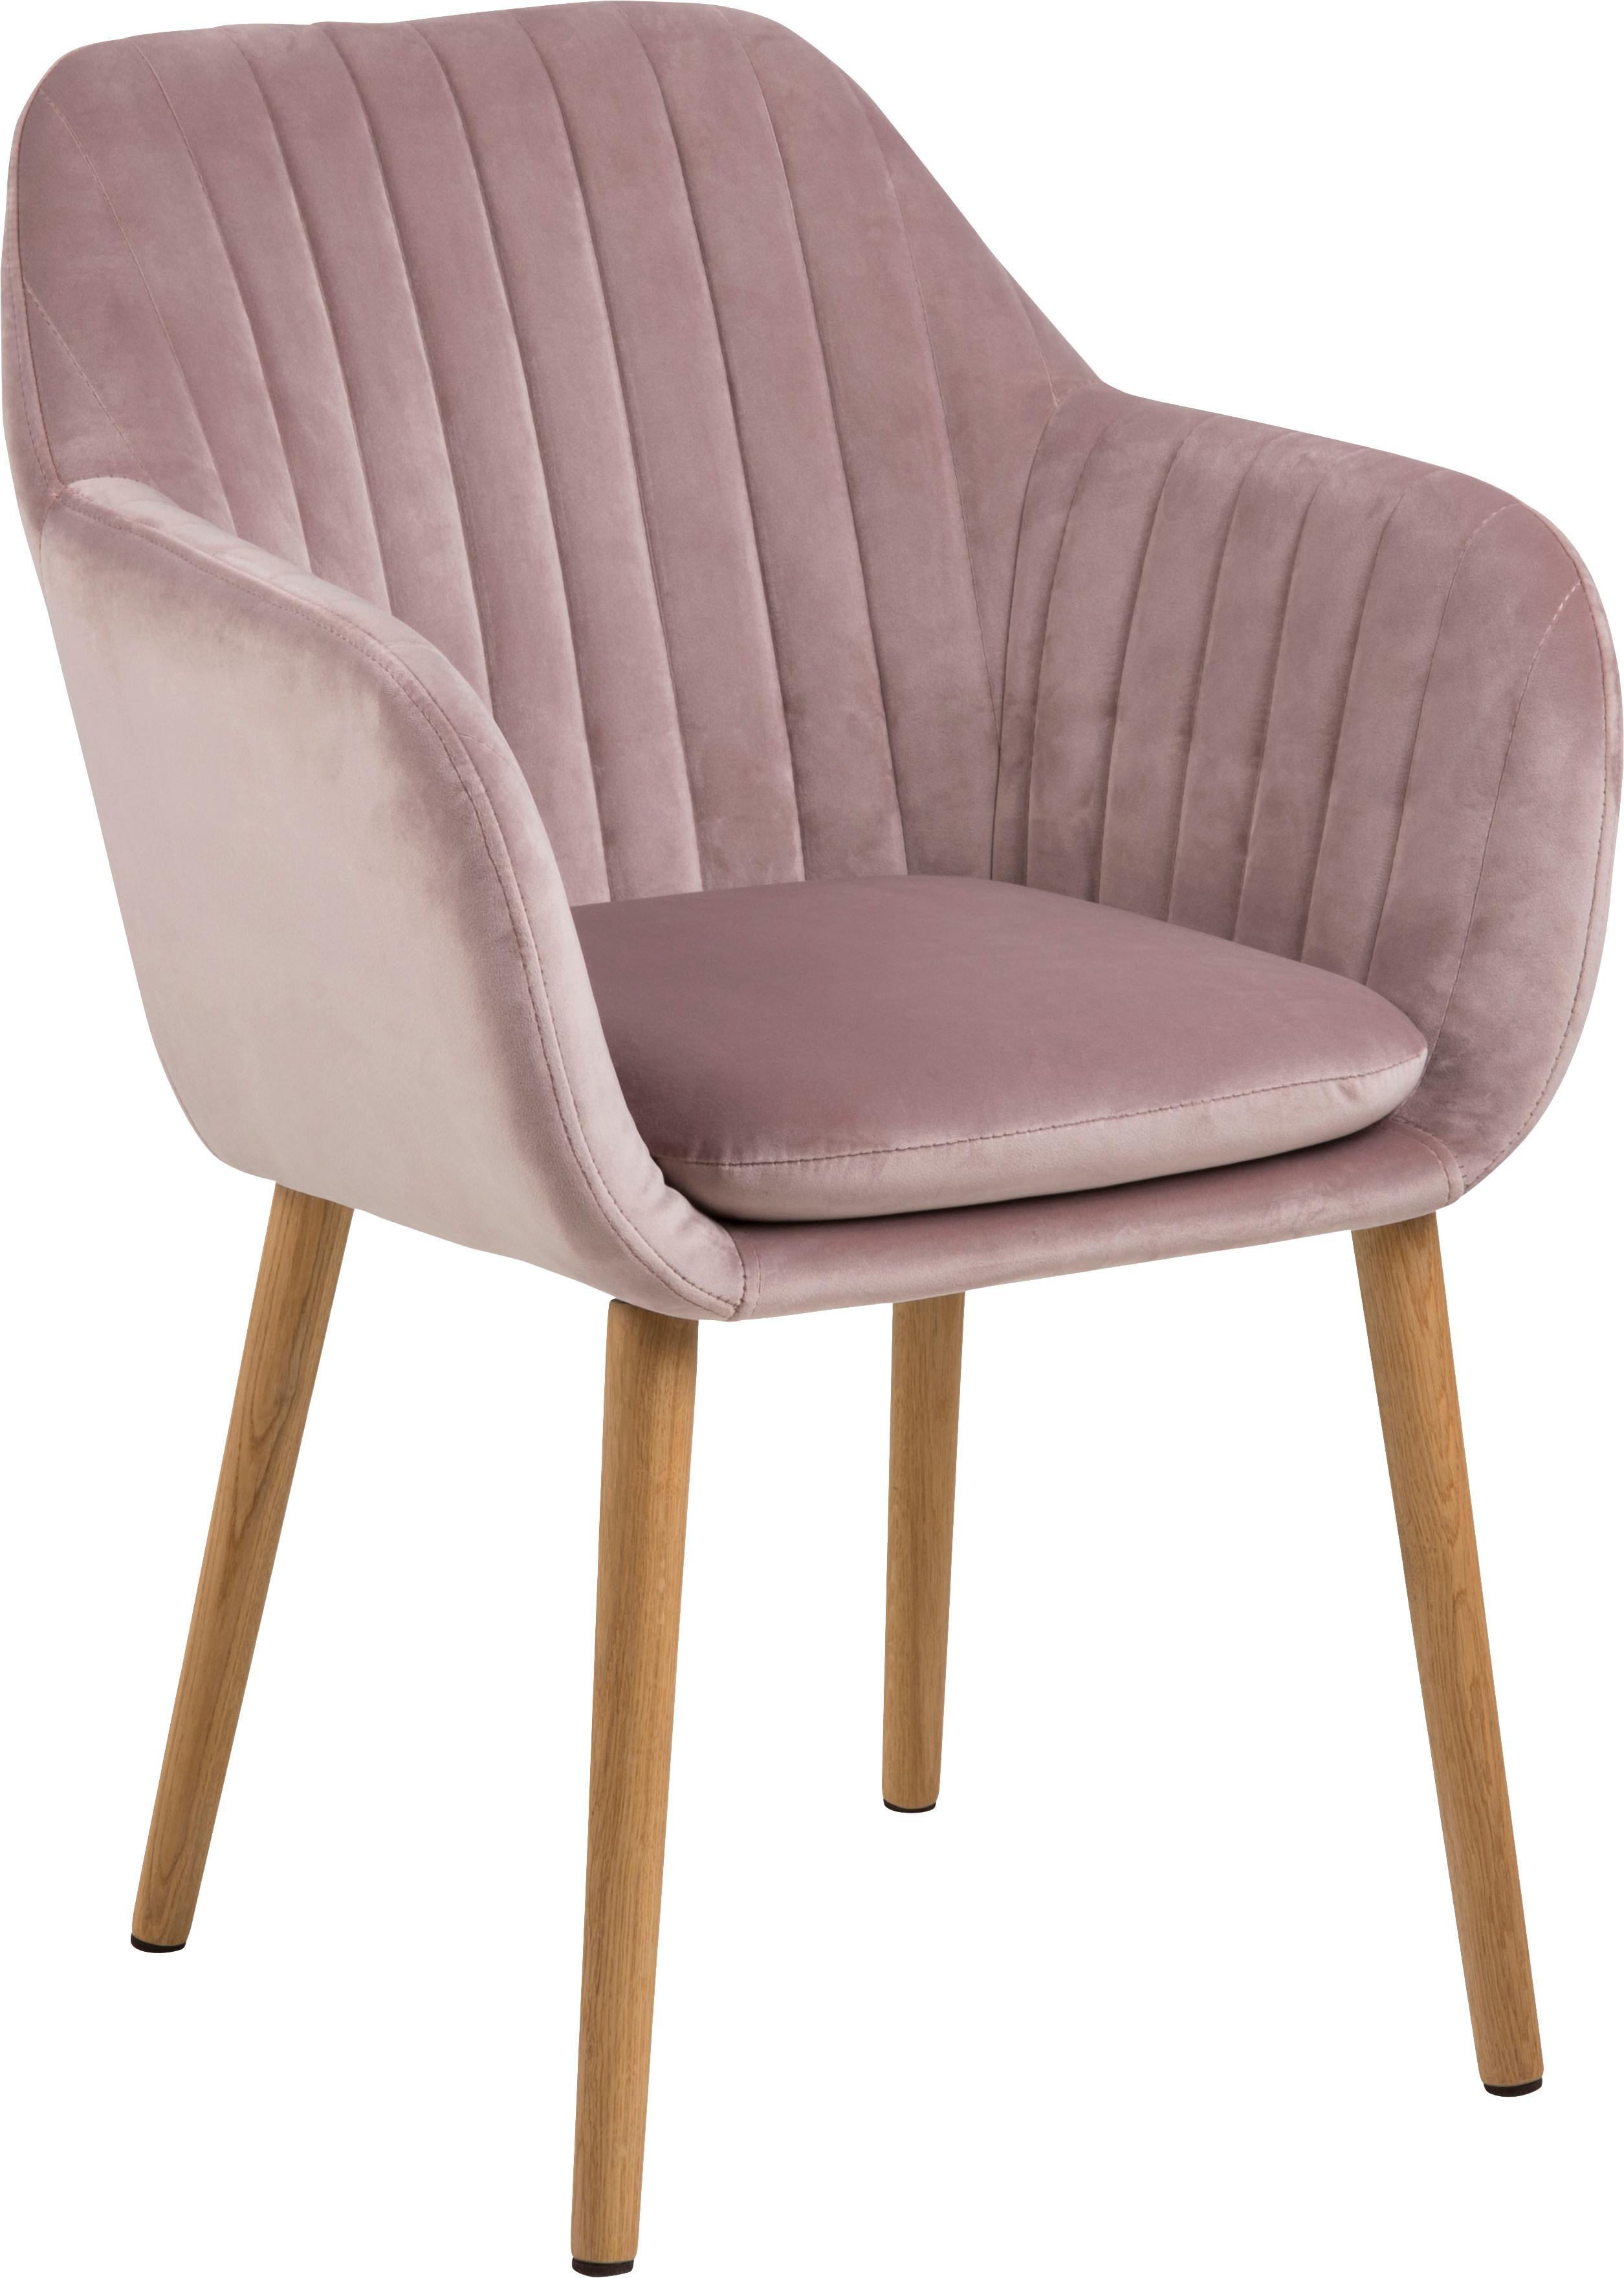 Krzesło z aksamitu z podłokietnikami Emilia, Tapicerka: poliester (aksamit), Nogi: drewno dębowe, olejowane , Aksamitny blady różowy, nogi: drewno dębowe, S 57 x G 59 cm